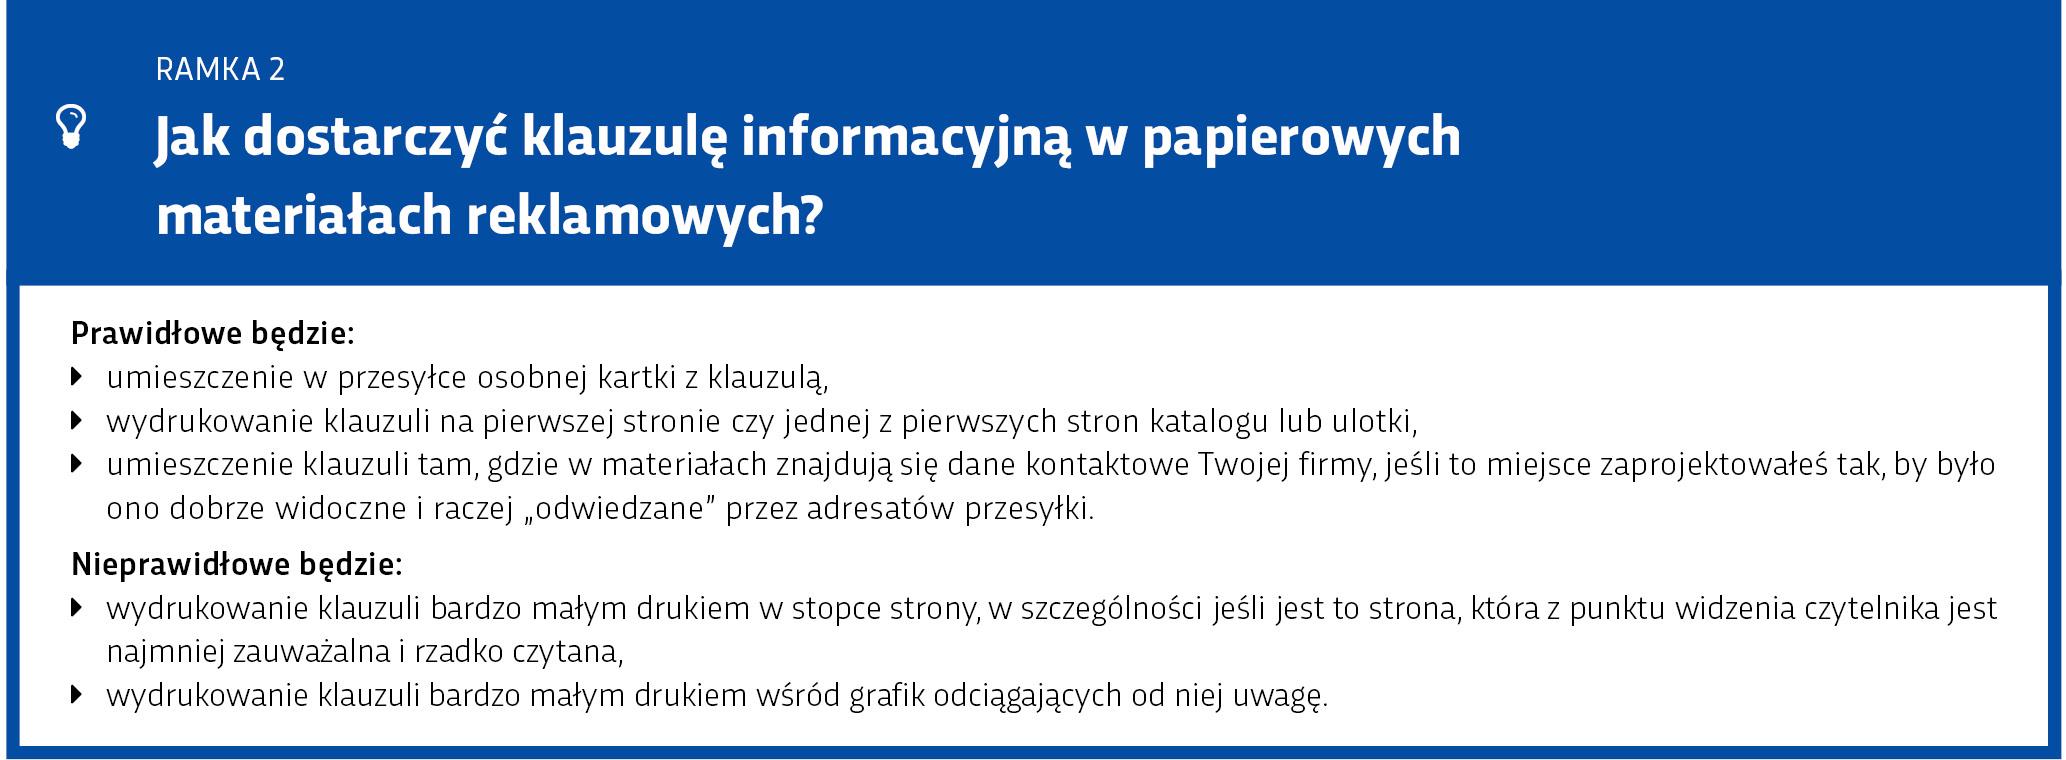 Ramka: Klauzula informacyjna na papierze